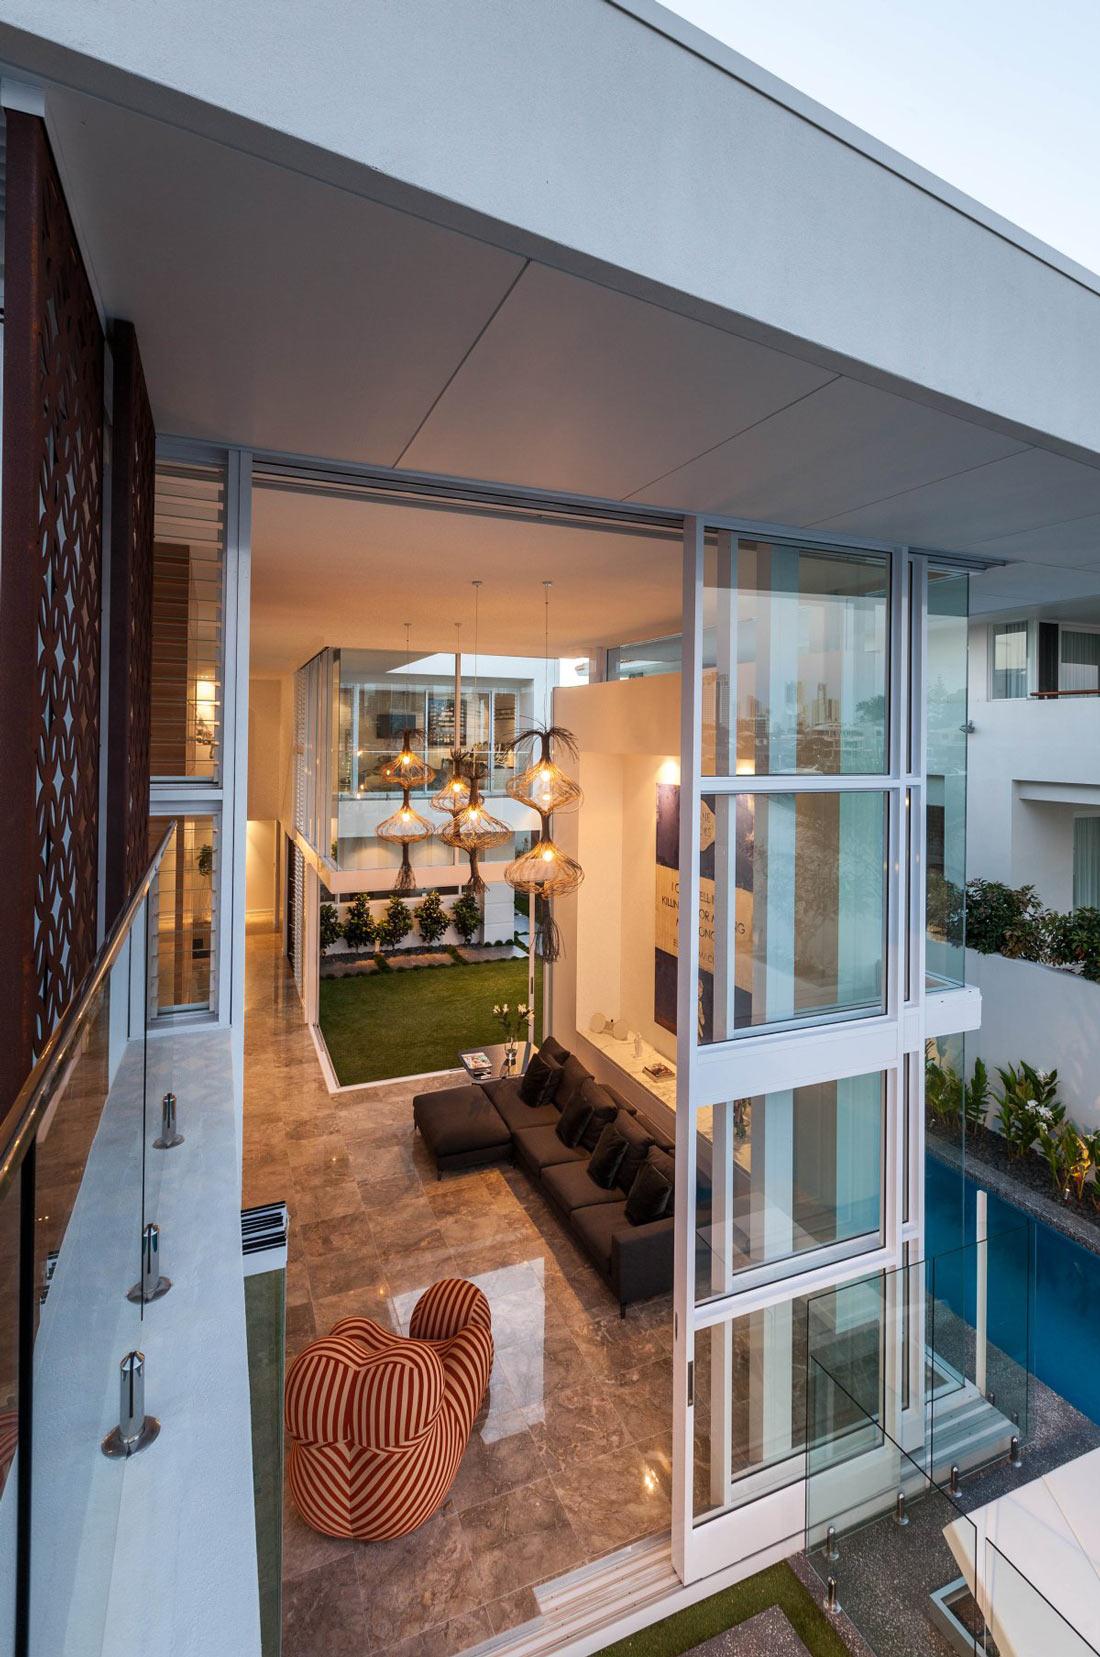 Living Room, Marble Floor, Stunning Waterfront Home in Queensland, Australia